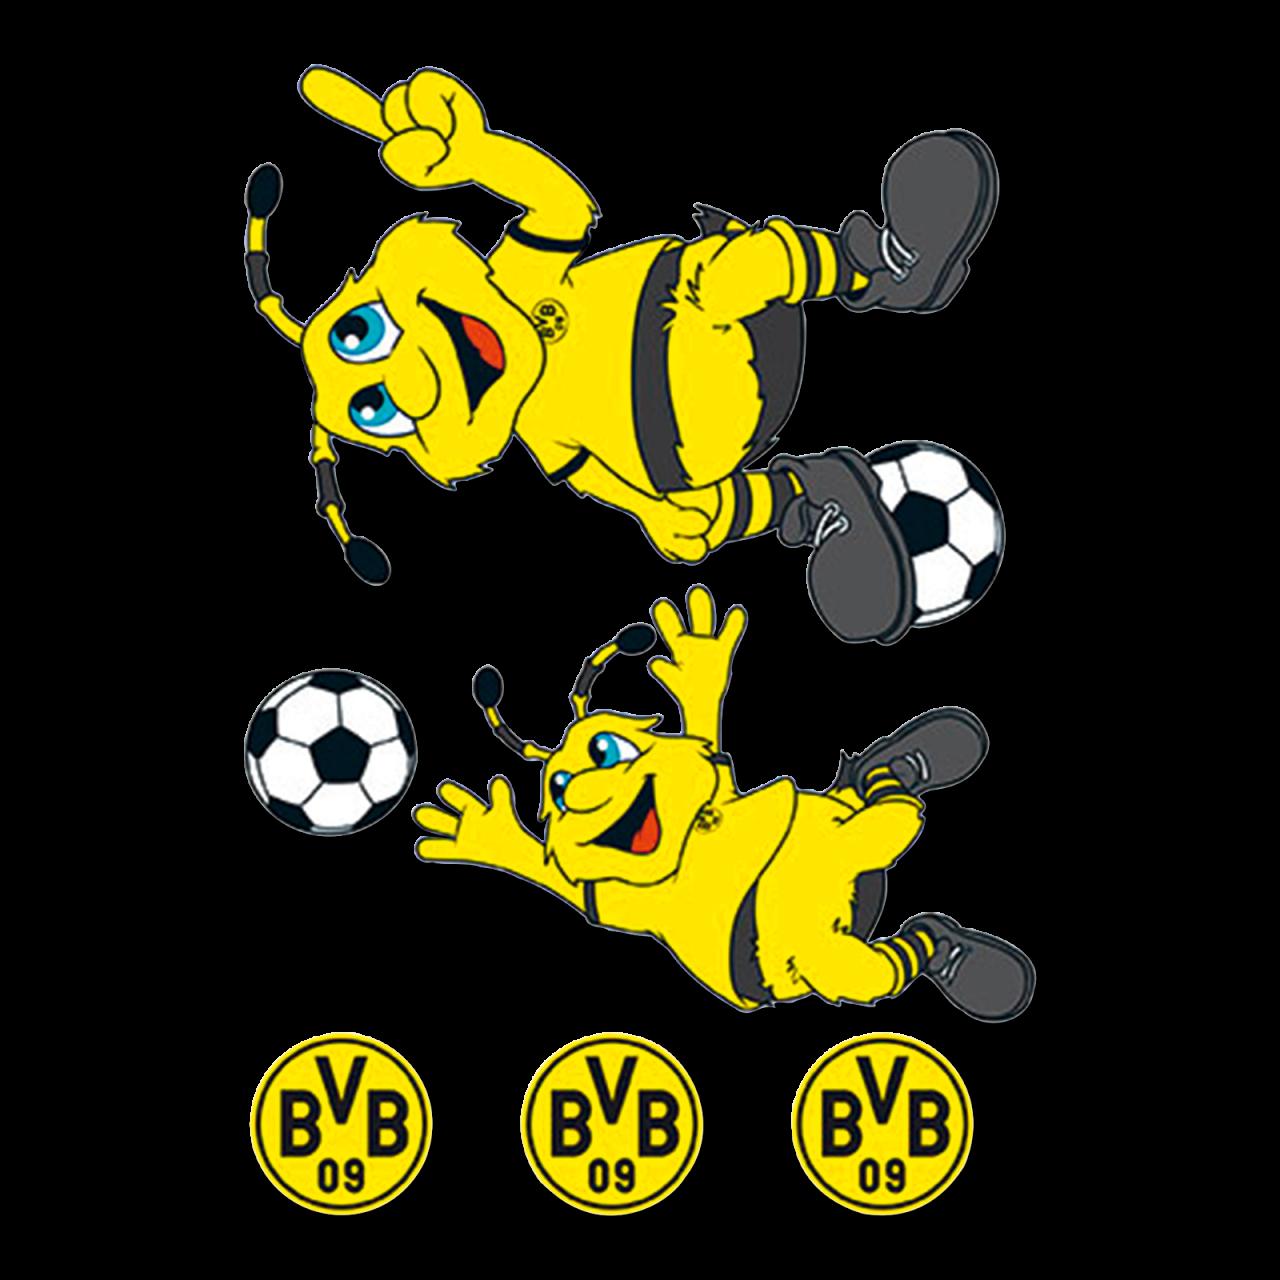 BVB-EMMA Wandsticker-Set (6-teilig)